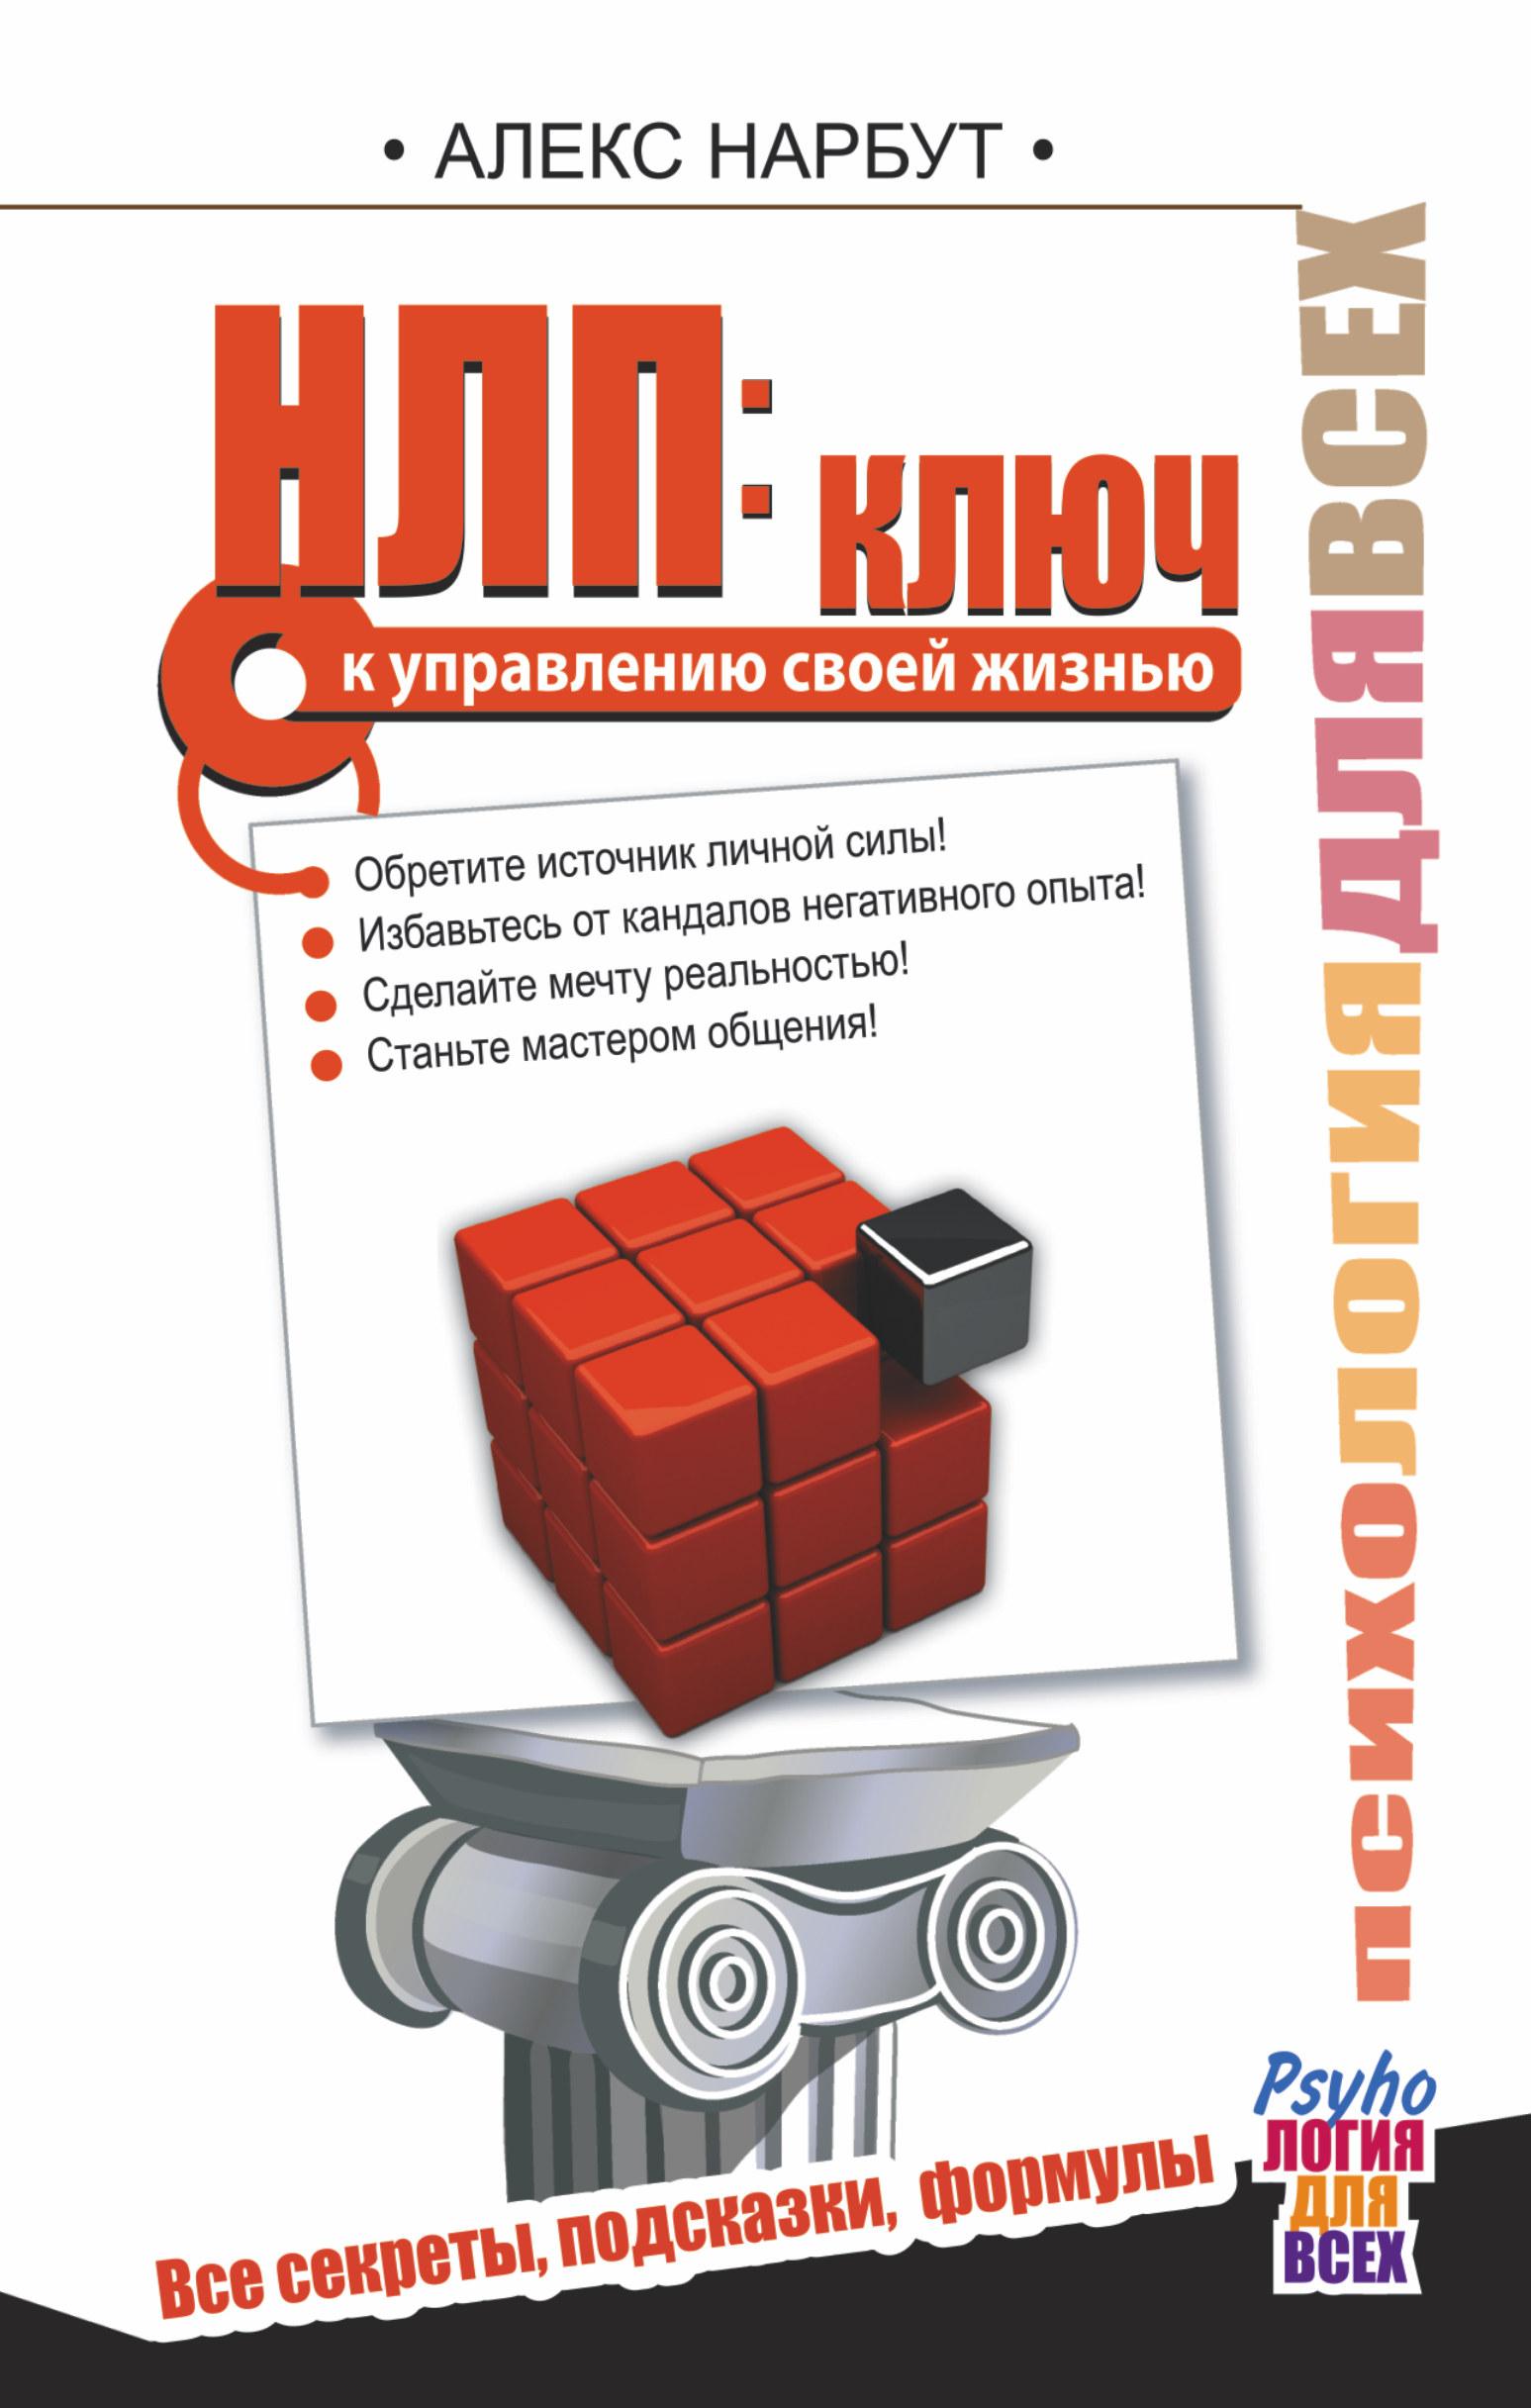 купить Алекс Нарбут НЛП: ключ к управлению своей жизнью по цене 149 рублей